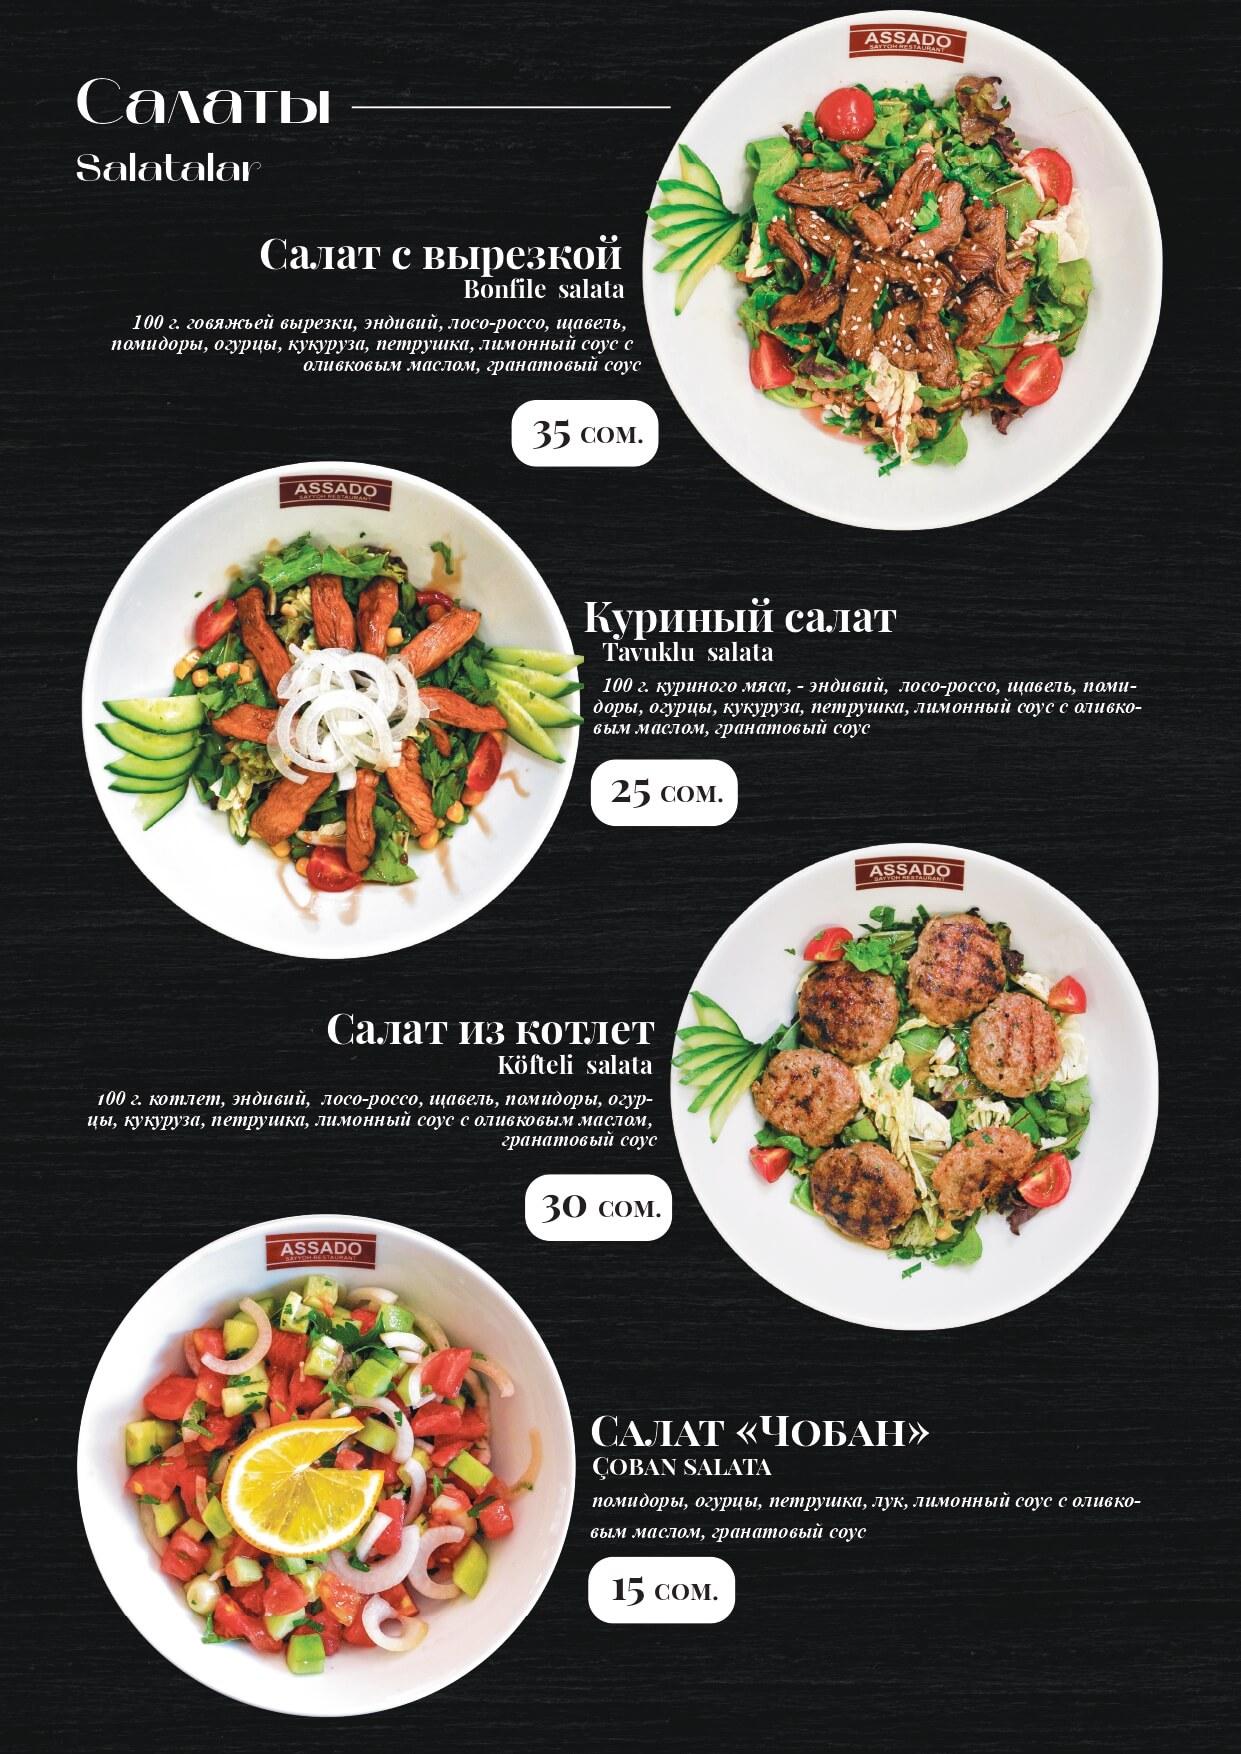 Assado_menu_page-0009